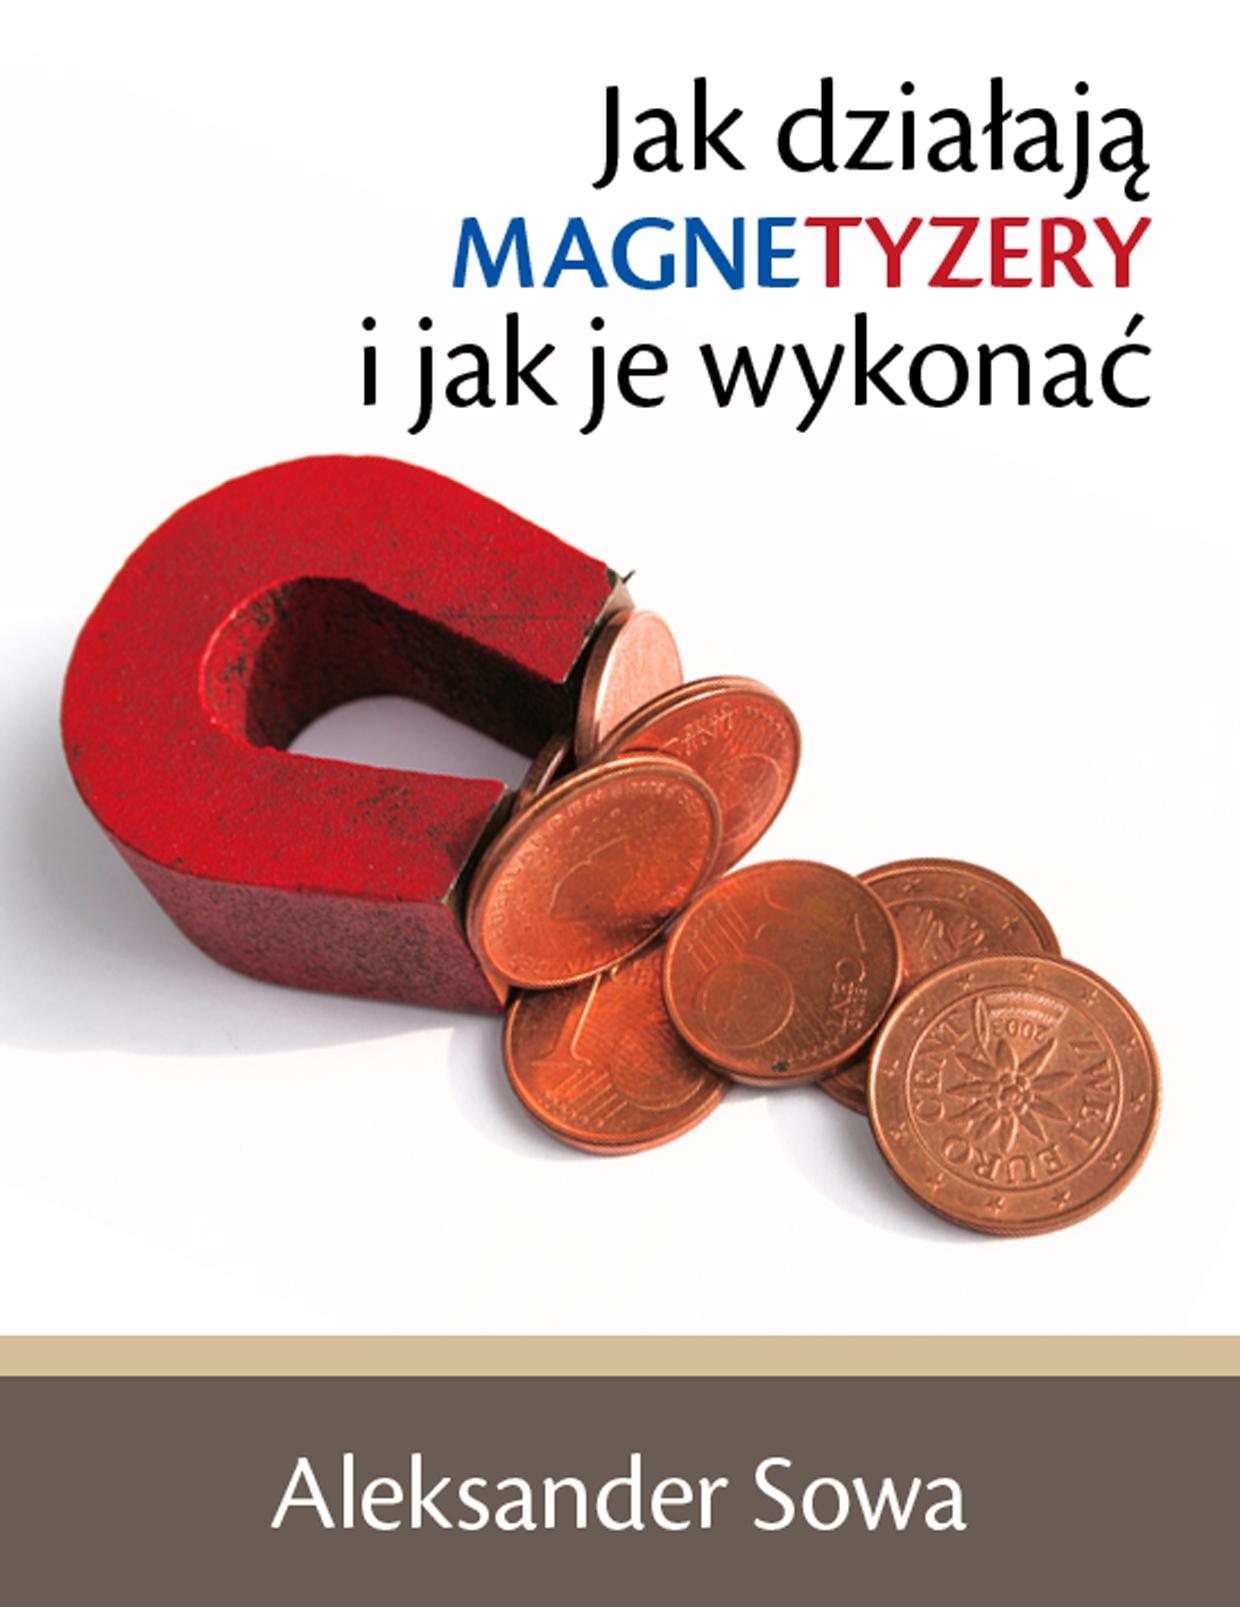 Aleksander Sowa: Jak działają magnetyzery i jak je wykonać - okładka